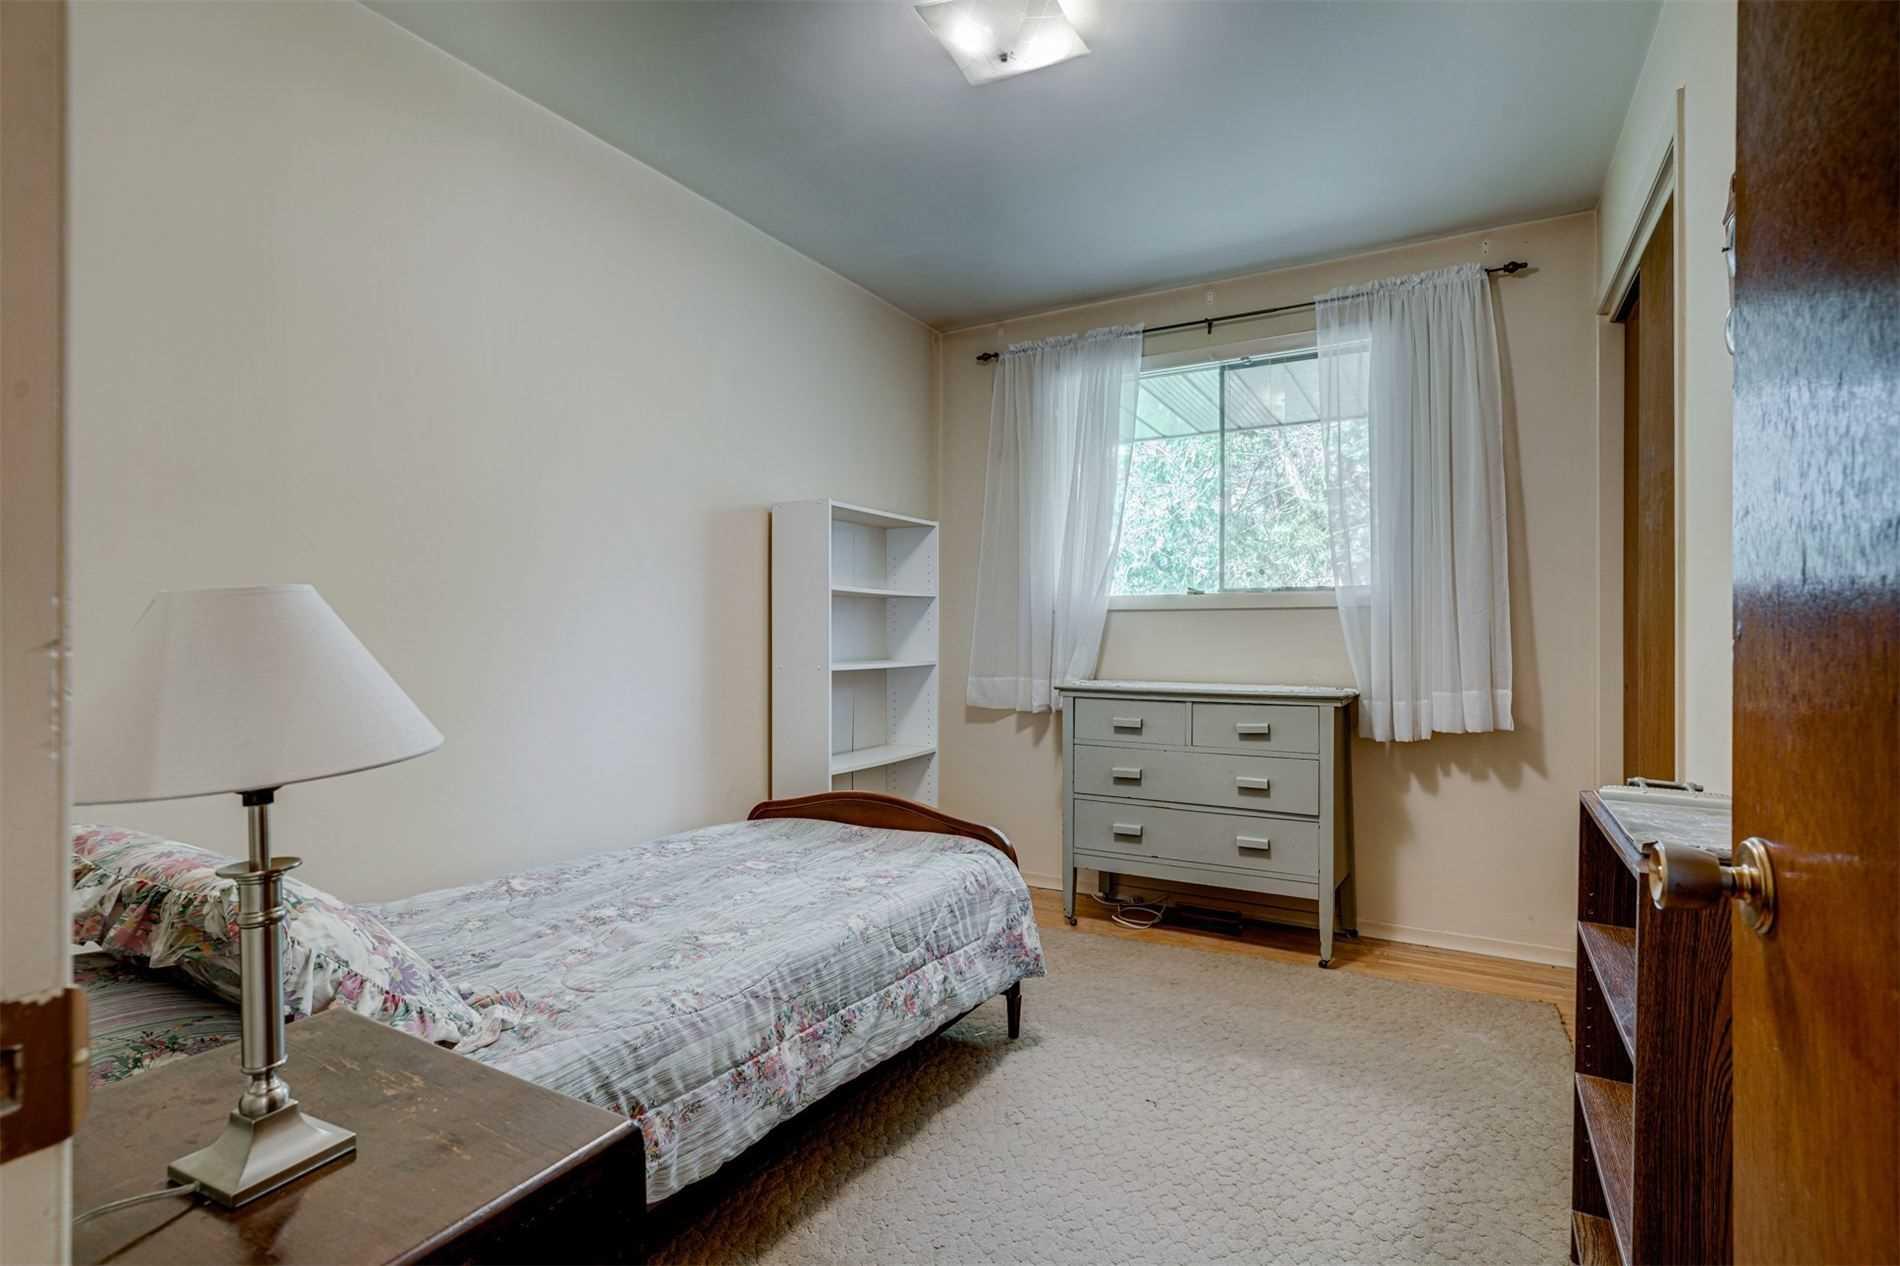 4189 Brock Rd - Uxbridge Detached for sale, 3 Bedrooms (N5311768) - #24